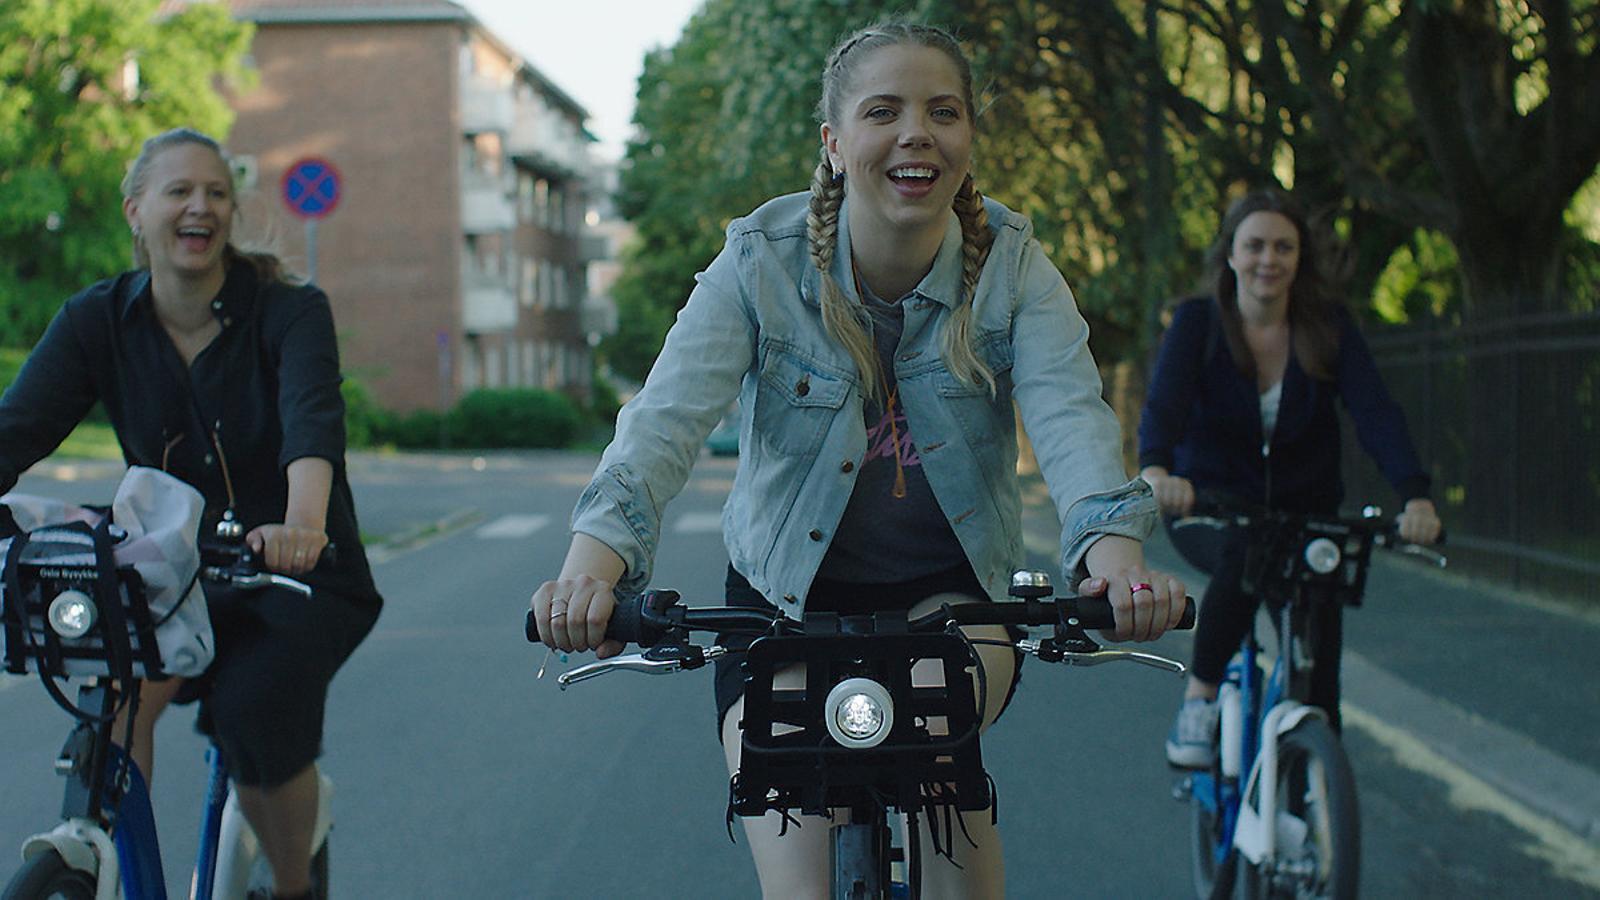 El retrat de joventut 'Young and promising' arriba a Filmin